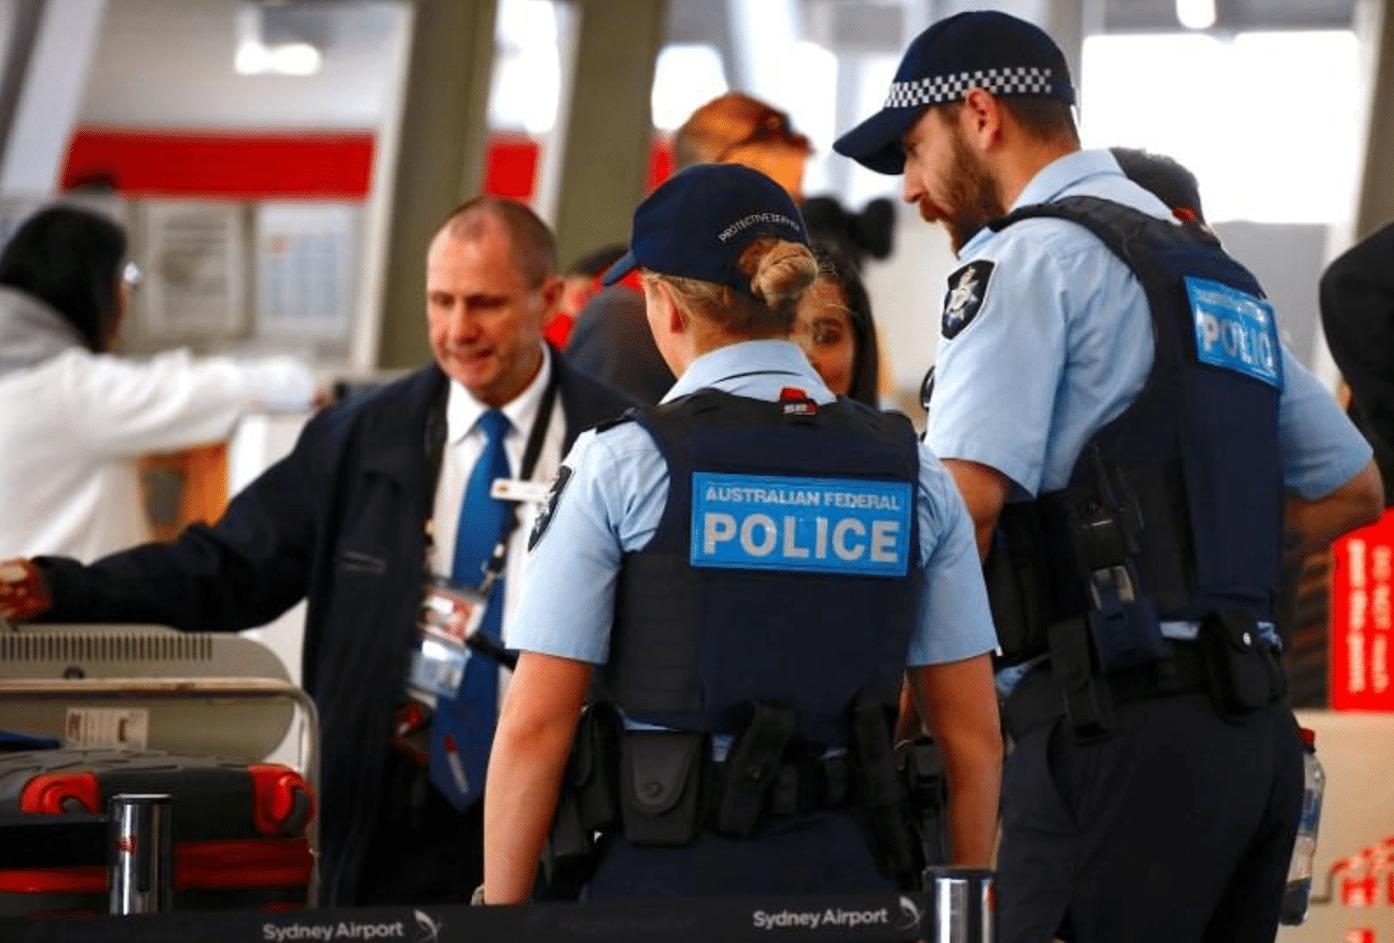 Terrorismo, volevano far saltare aereo in volo: 4 arresti in Australia